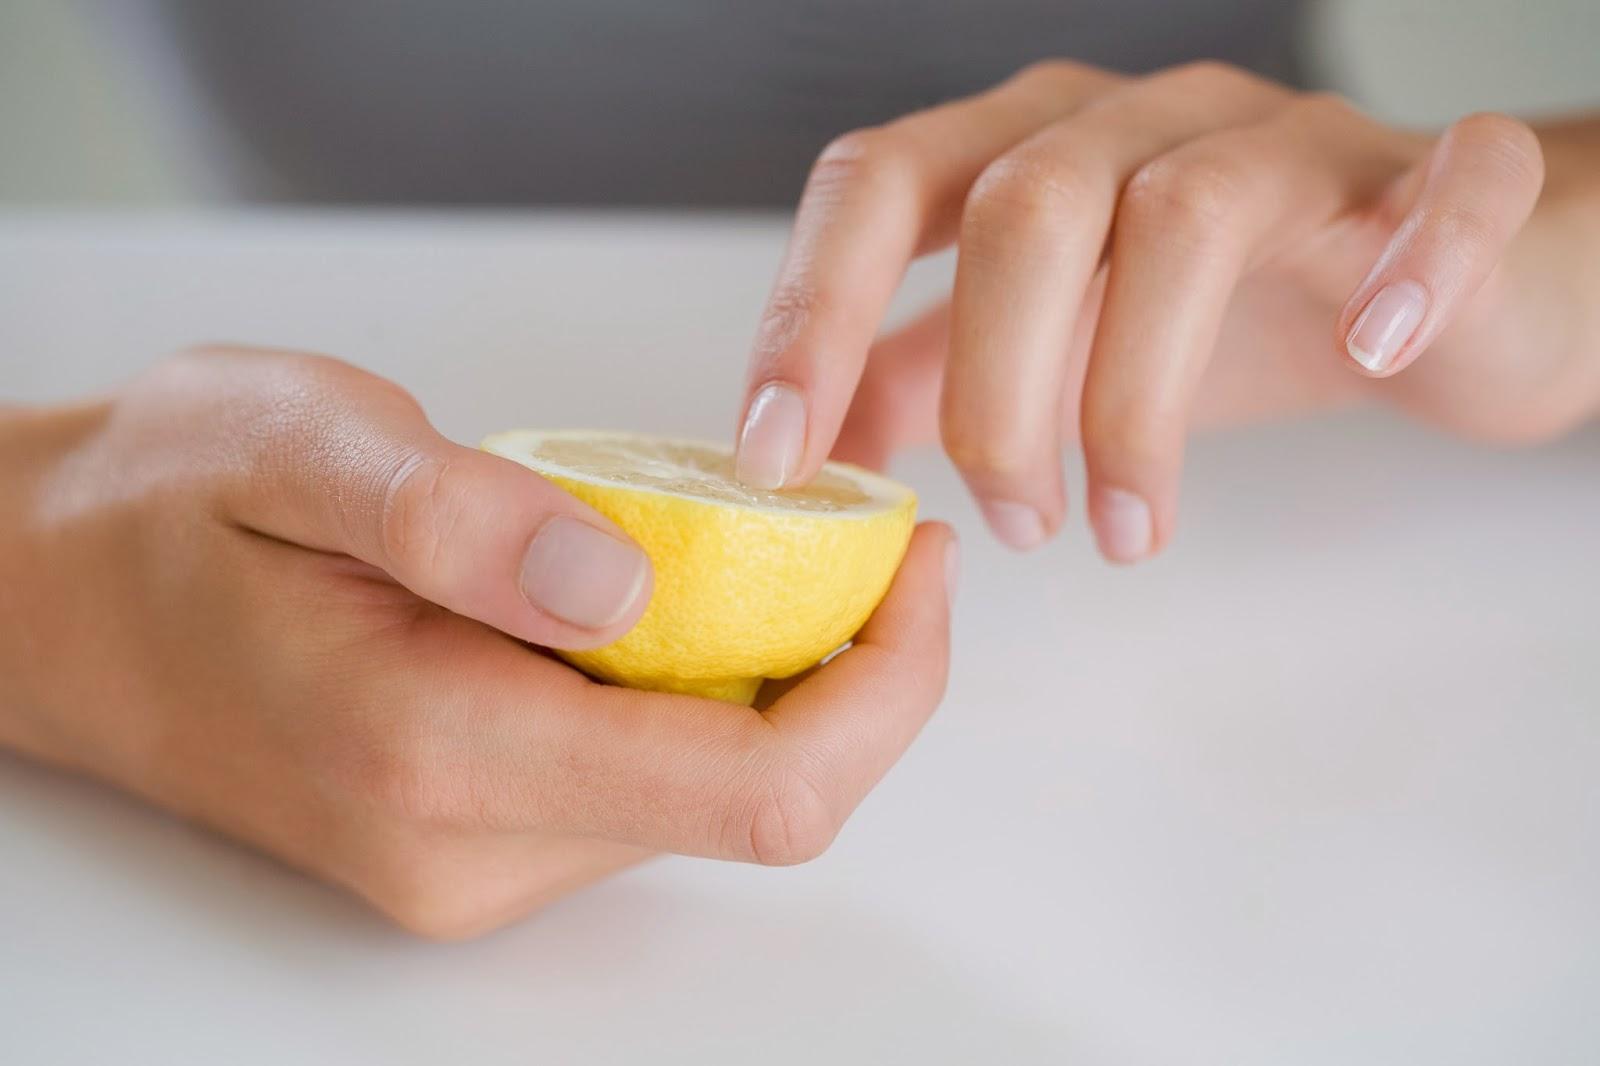 Чем отбелить кожу на руках в домашних условиях